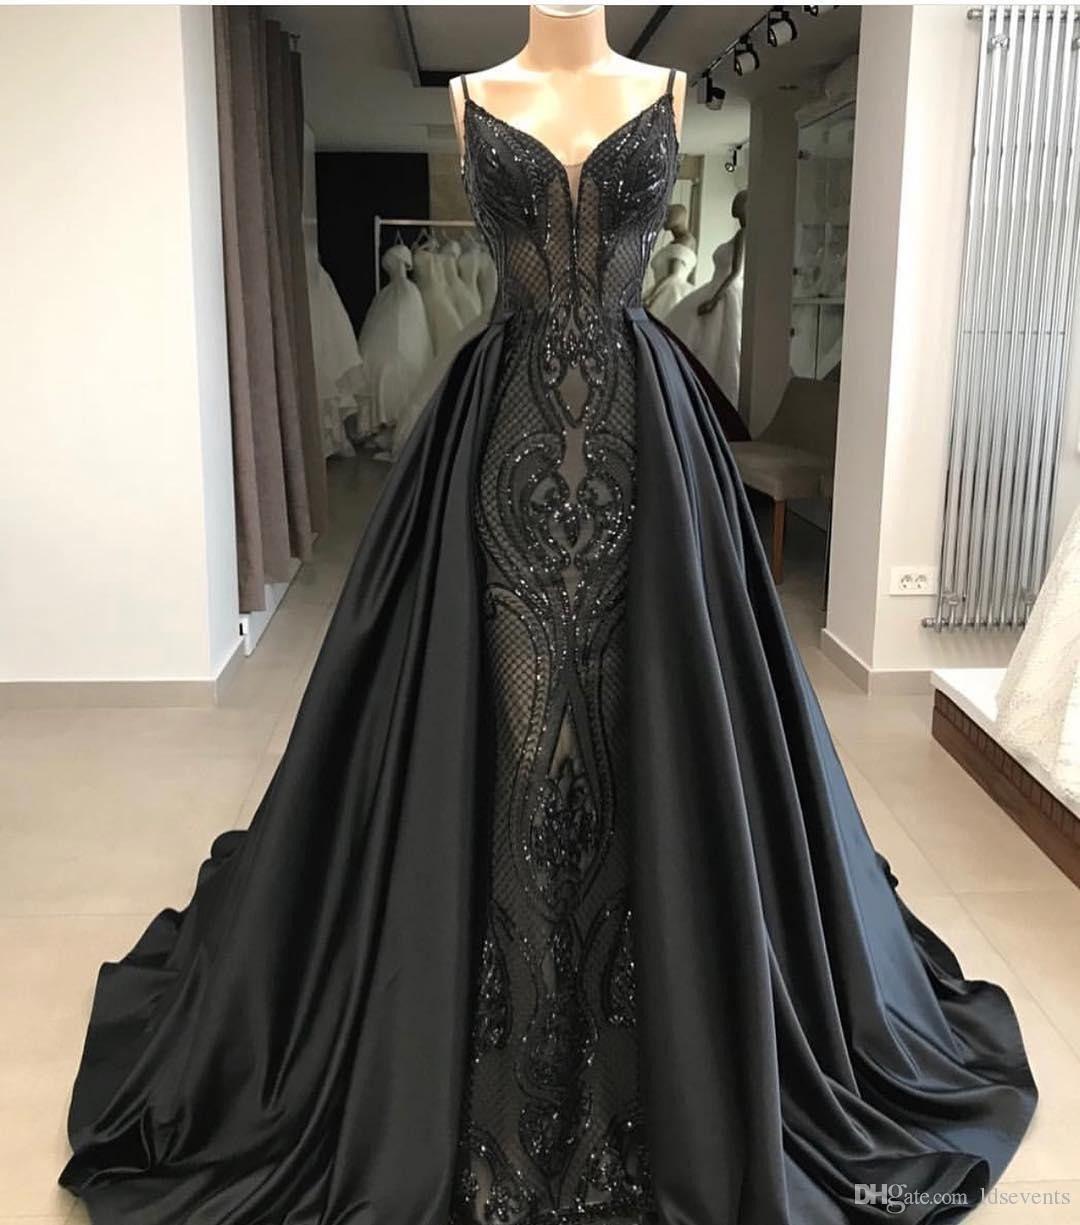 genial abendkleid türkisch vertrieb in 2020 | schöne kleider